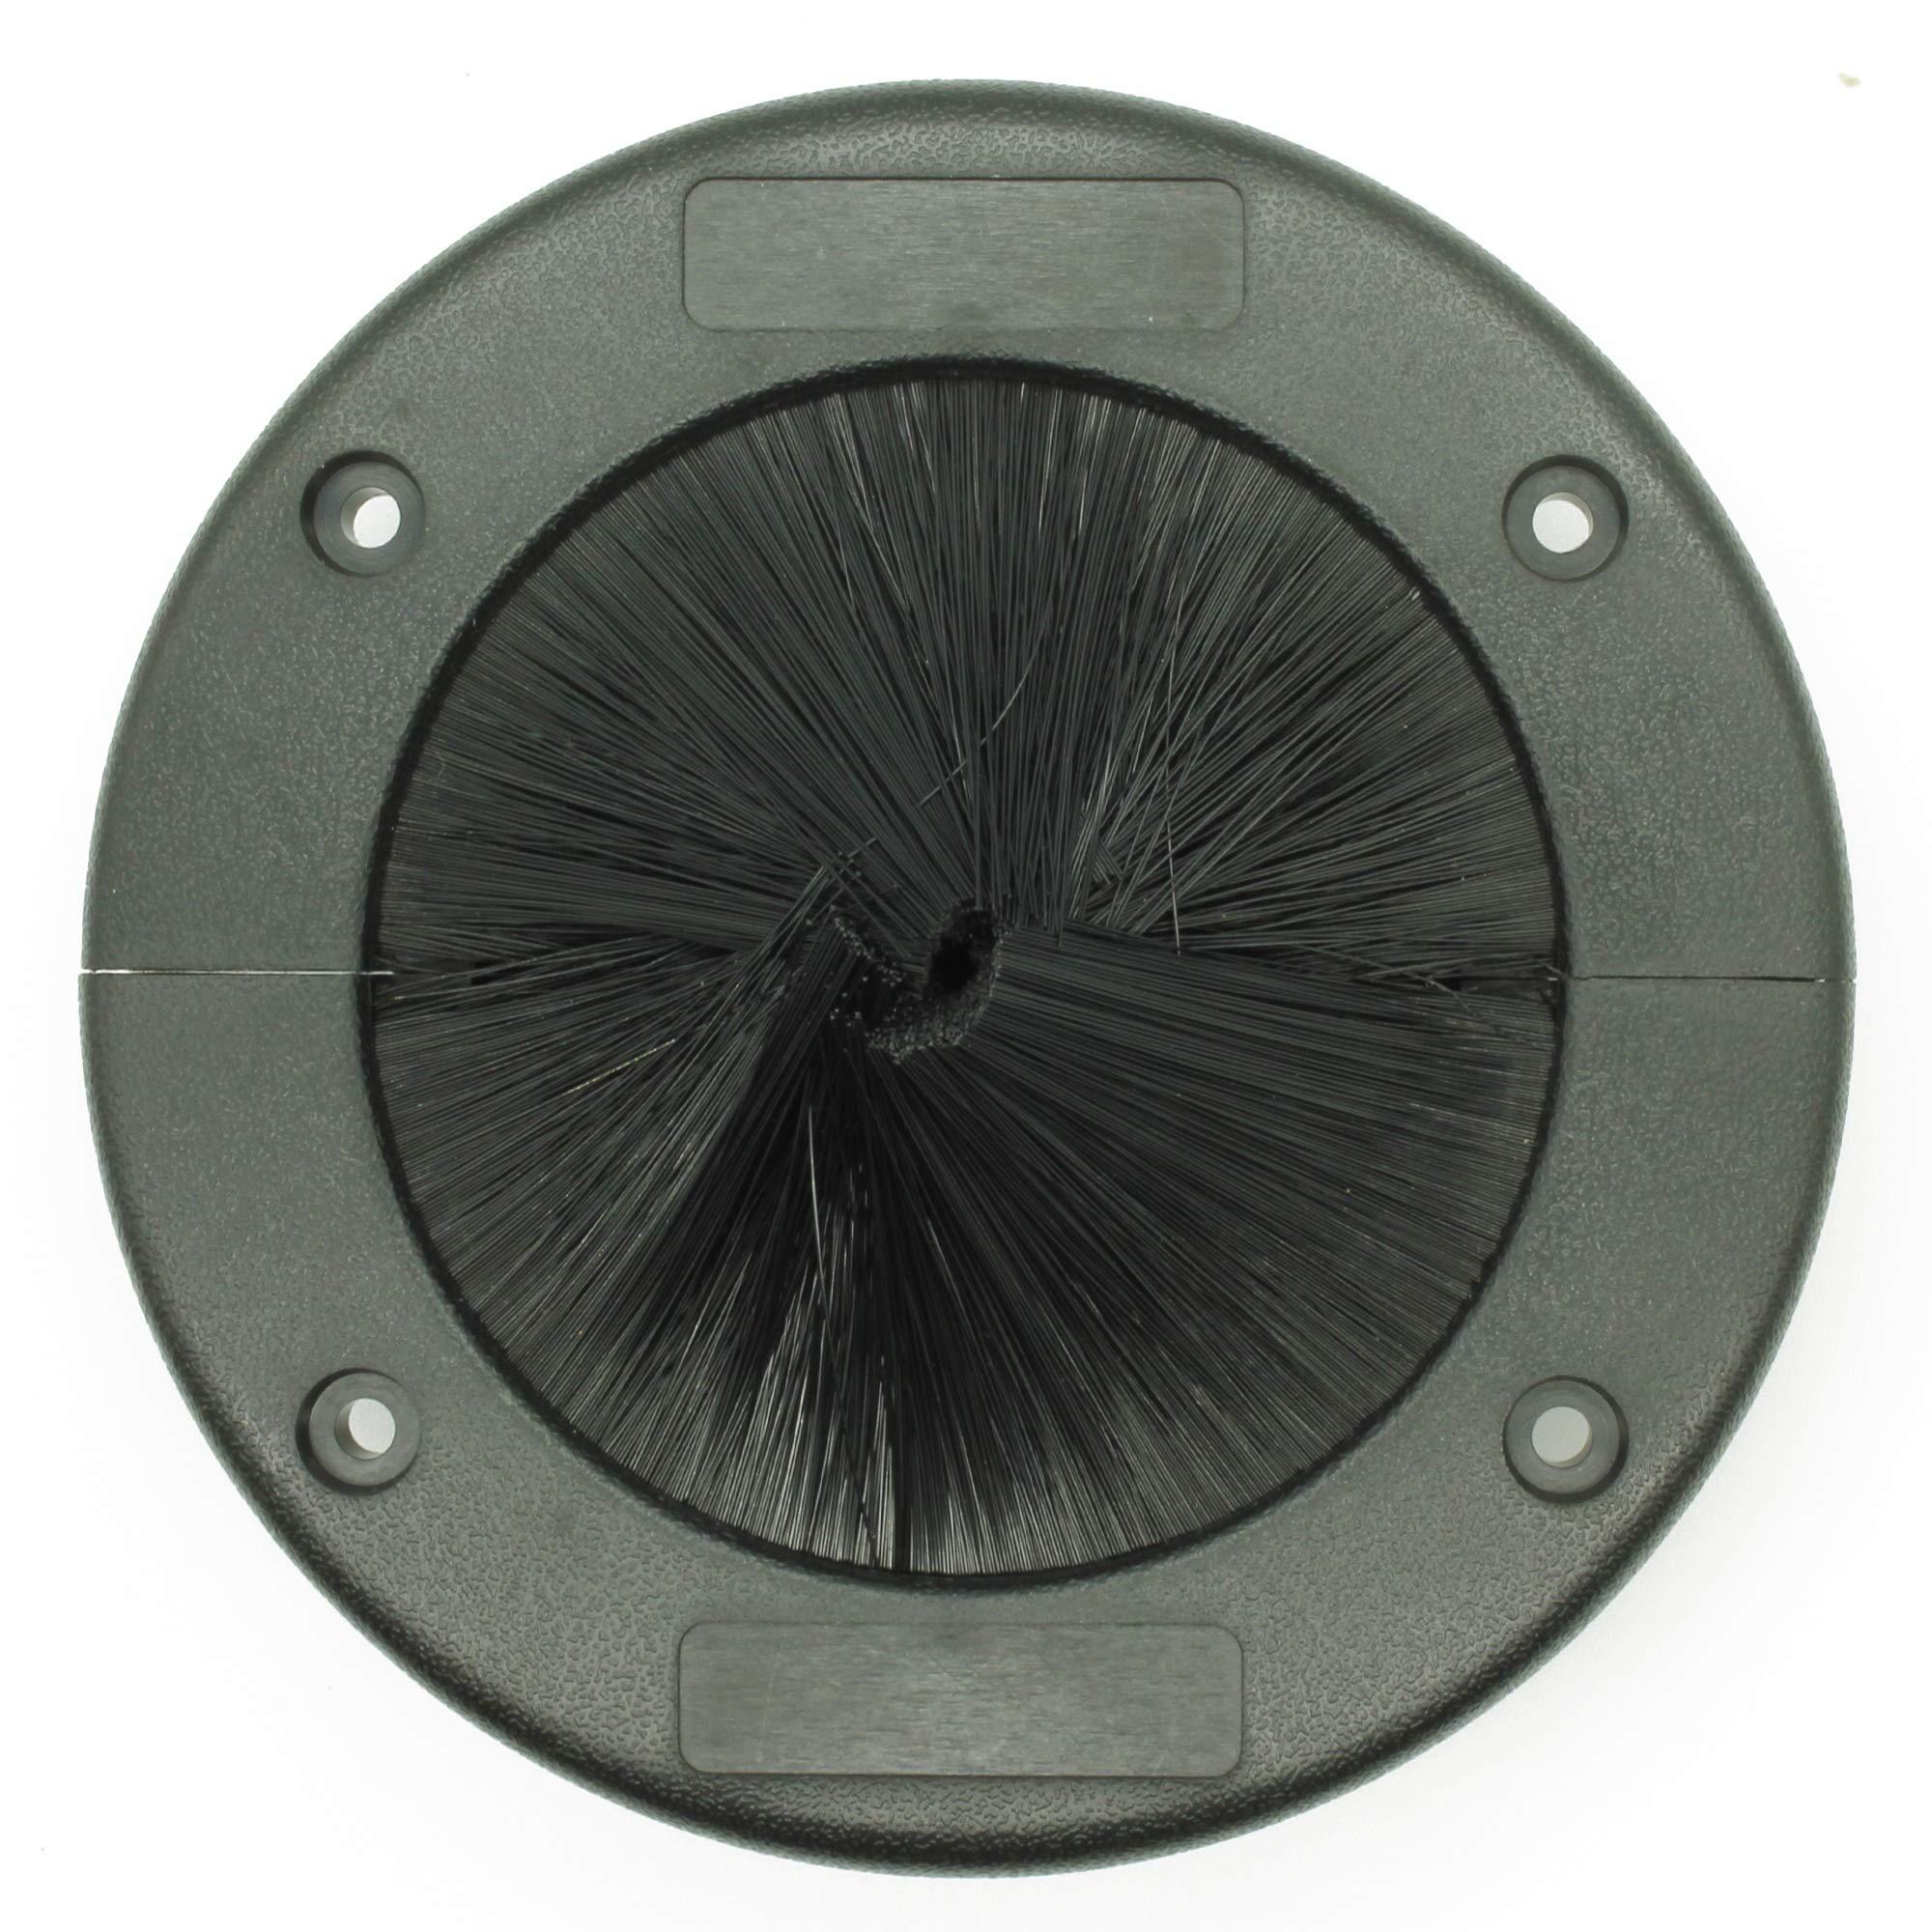 Round Floor Brush Grommet, Large Split Grommet with Brush, Raised Floor Airflow Management 1 Pack